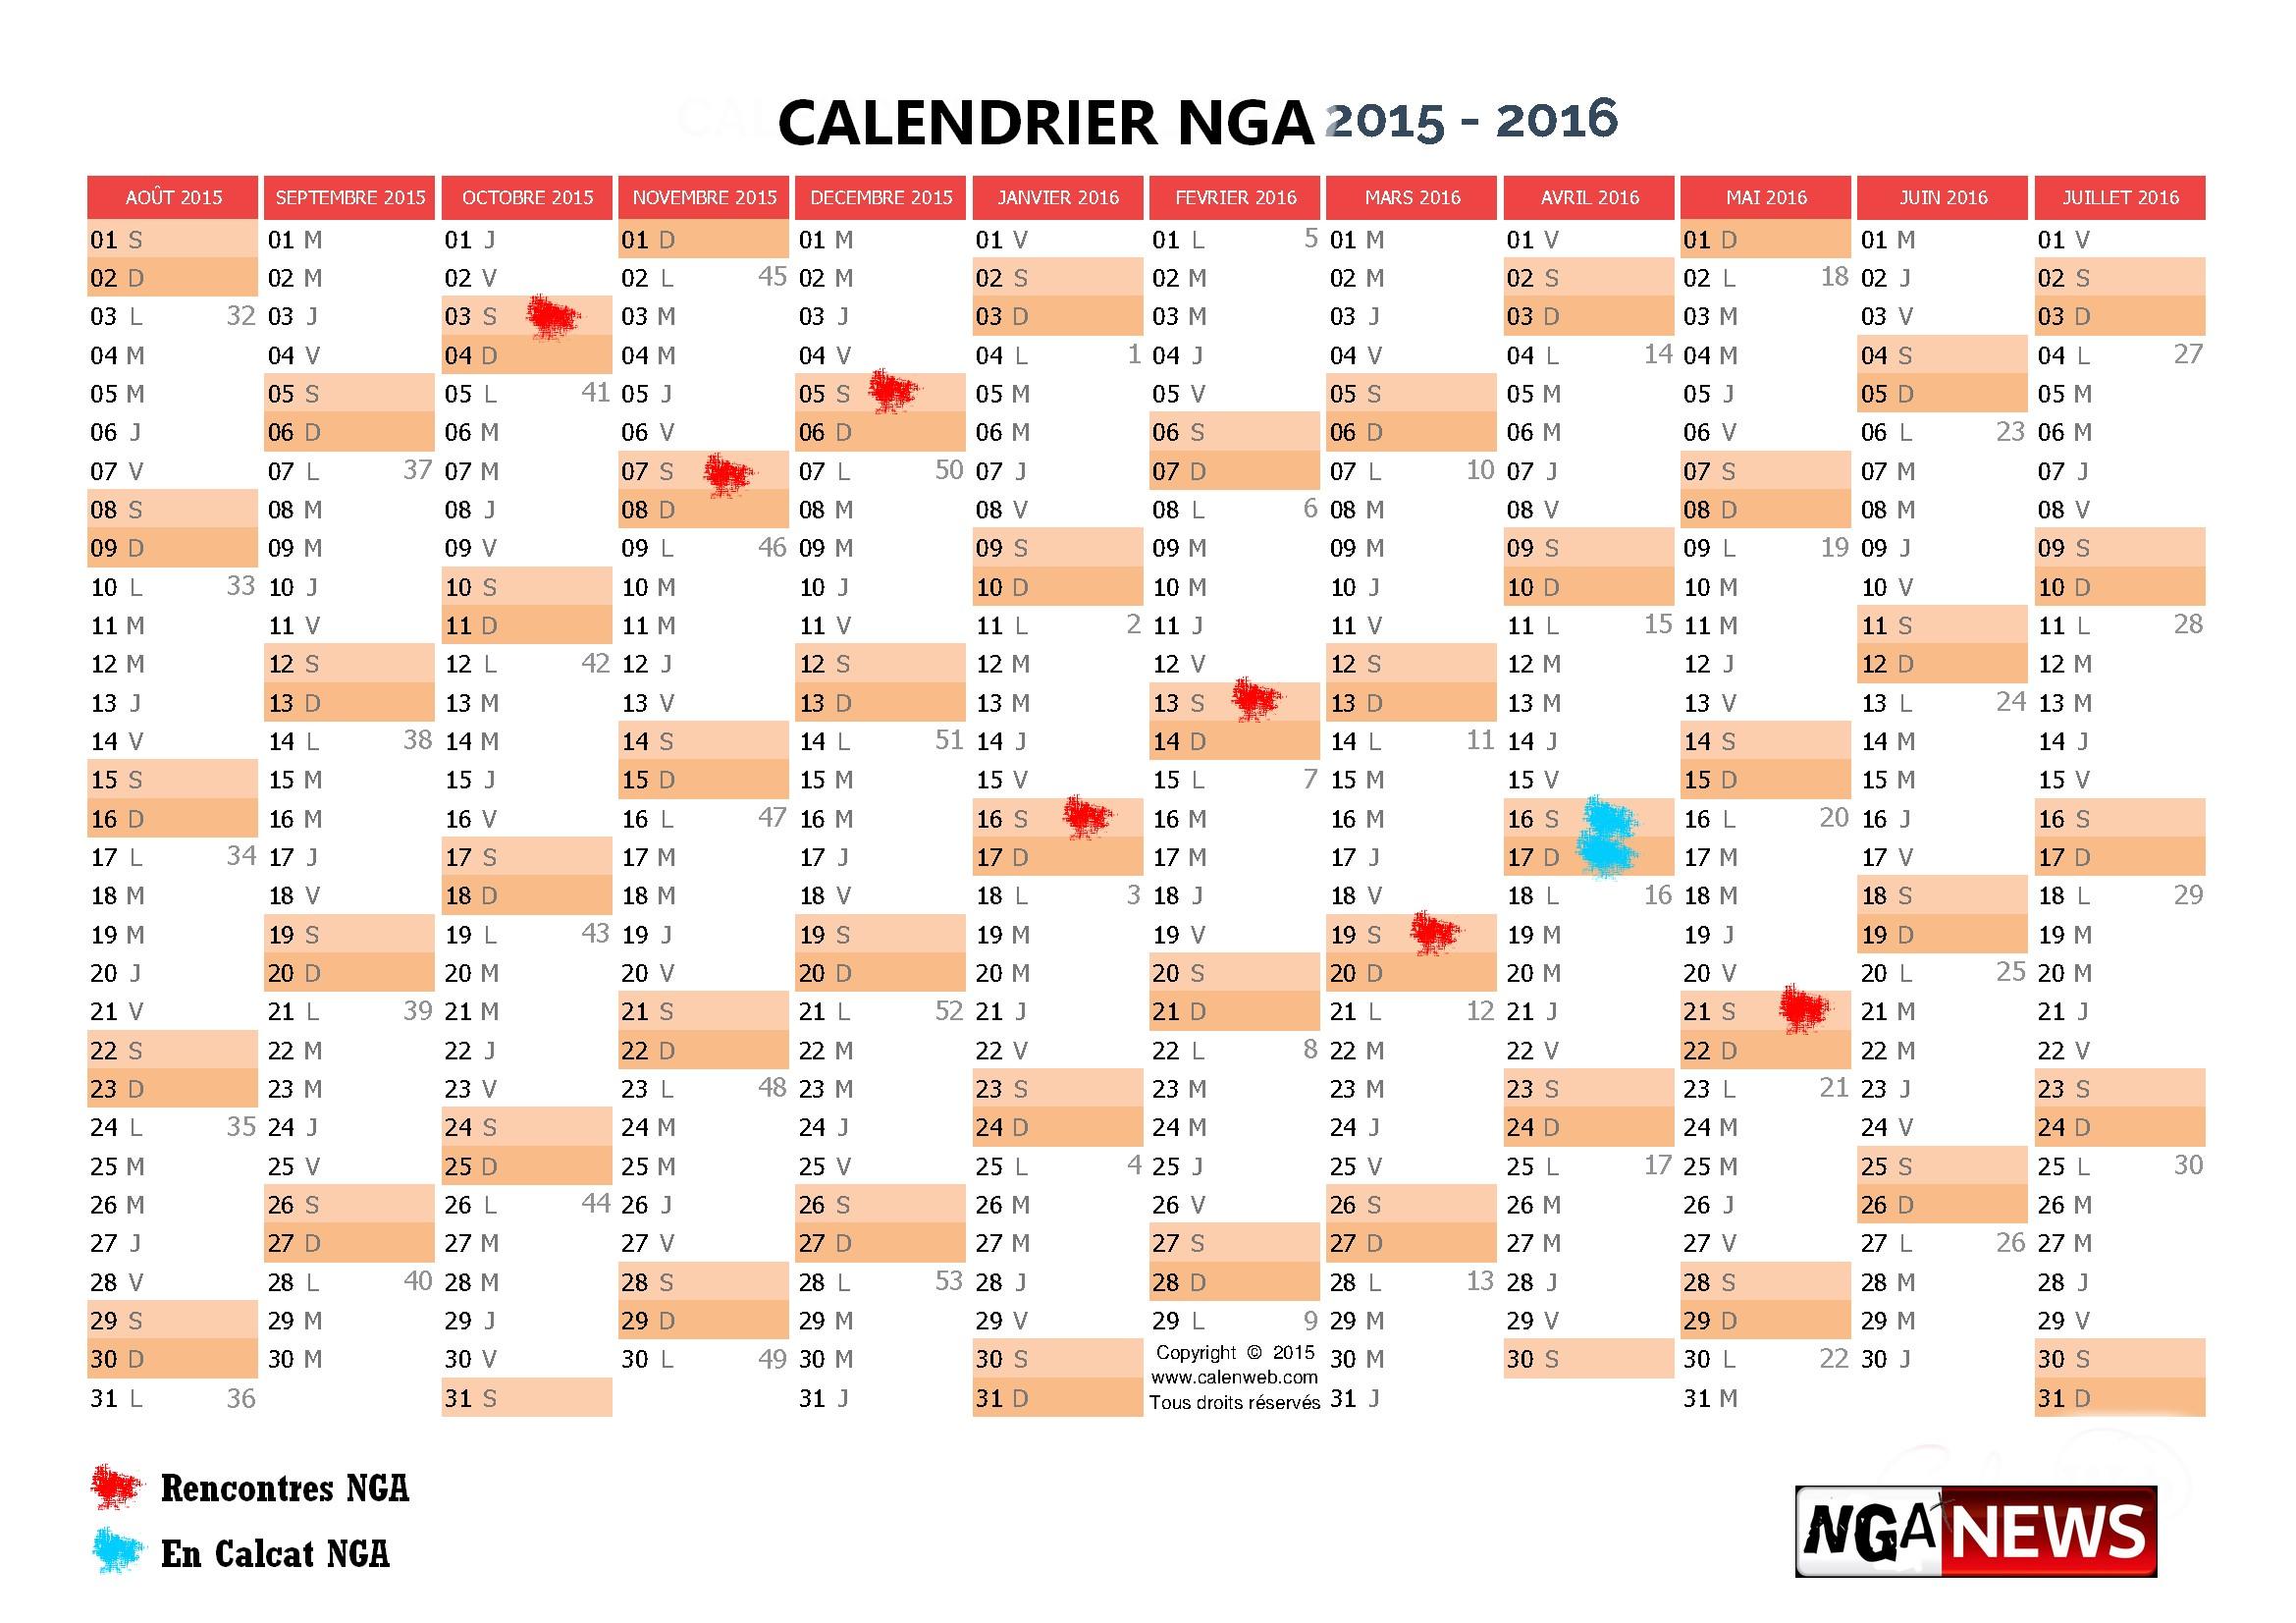 Calendrier scolaire jesus marie clrdrs - Vacances scolaires de noel 2016 ...